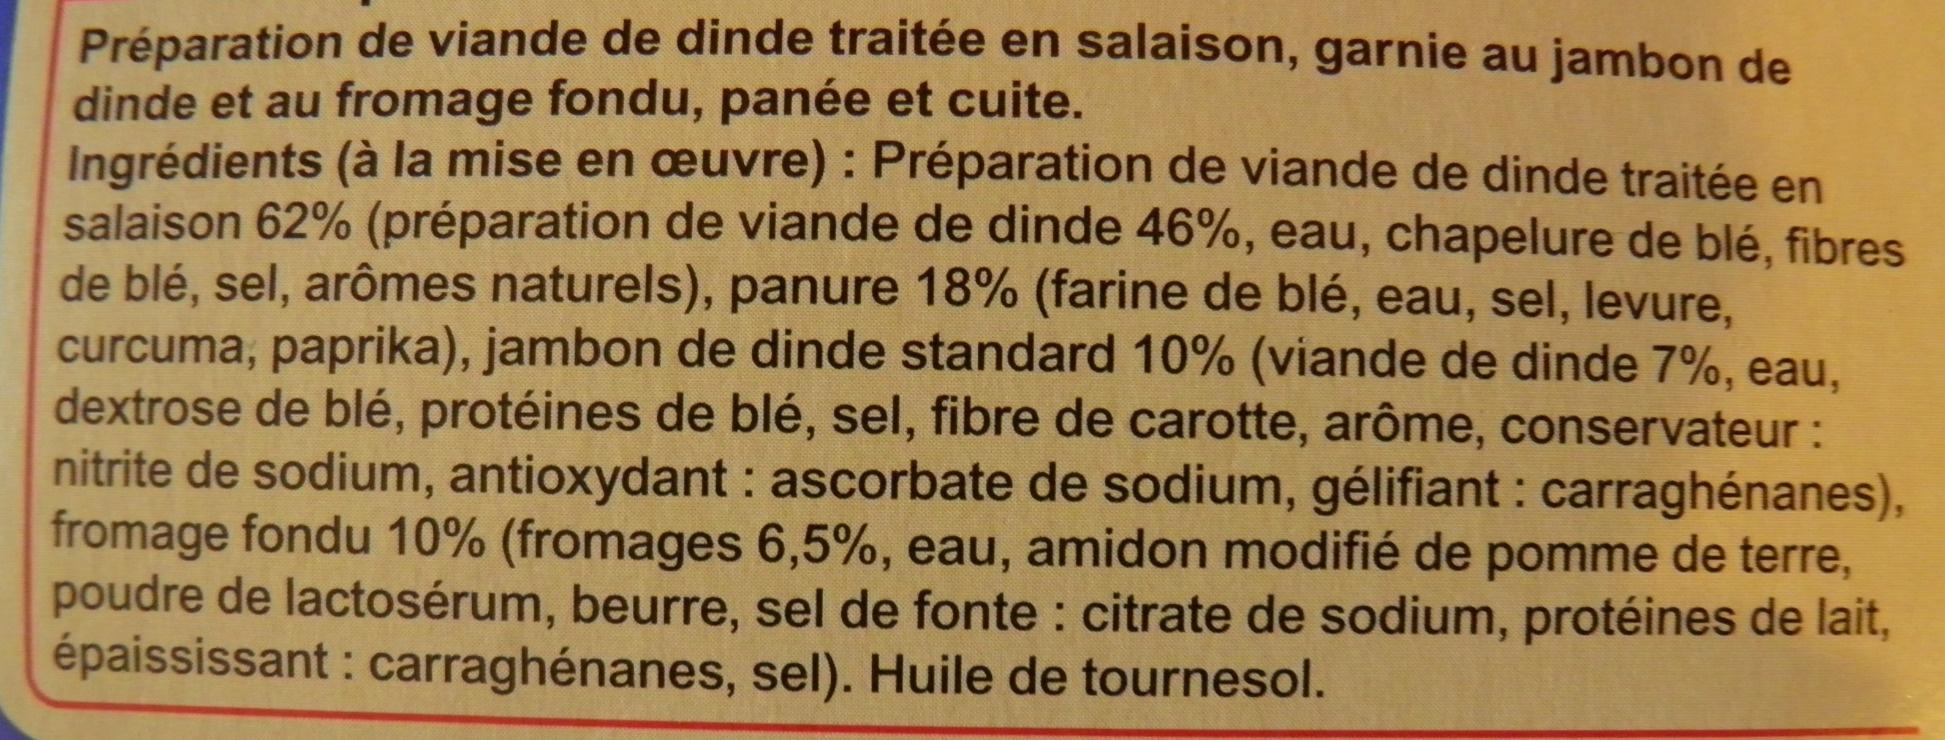 Cordons Bleus de dinde (x 4) - Ingrédients - fr